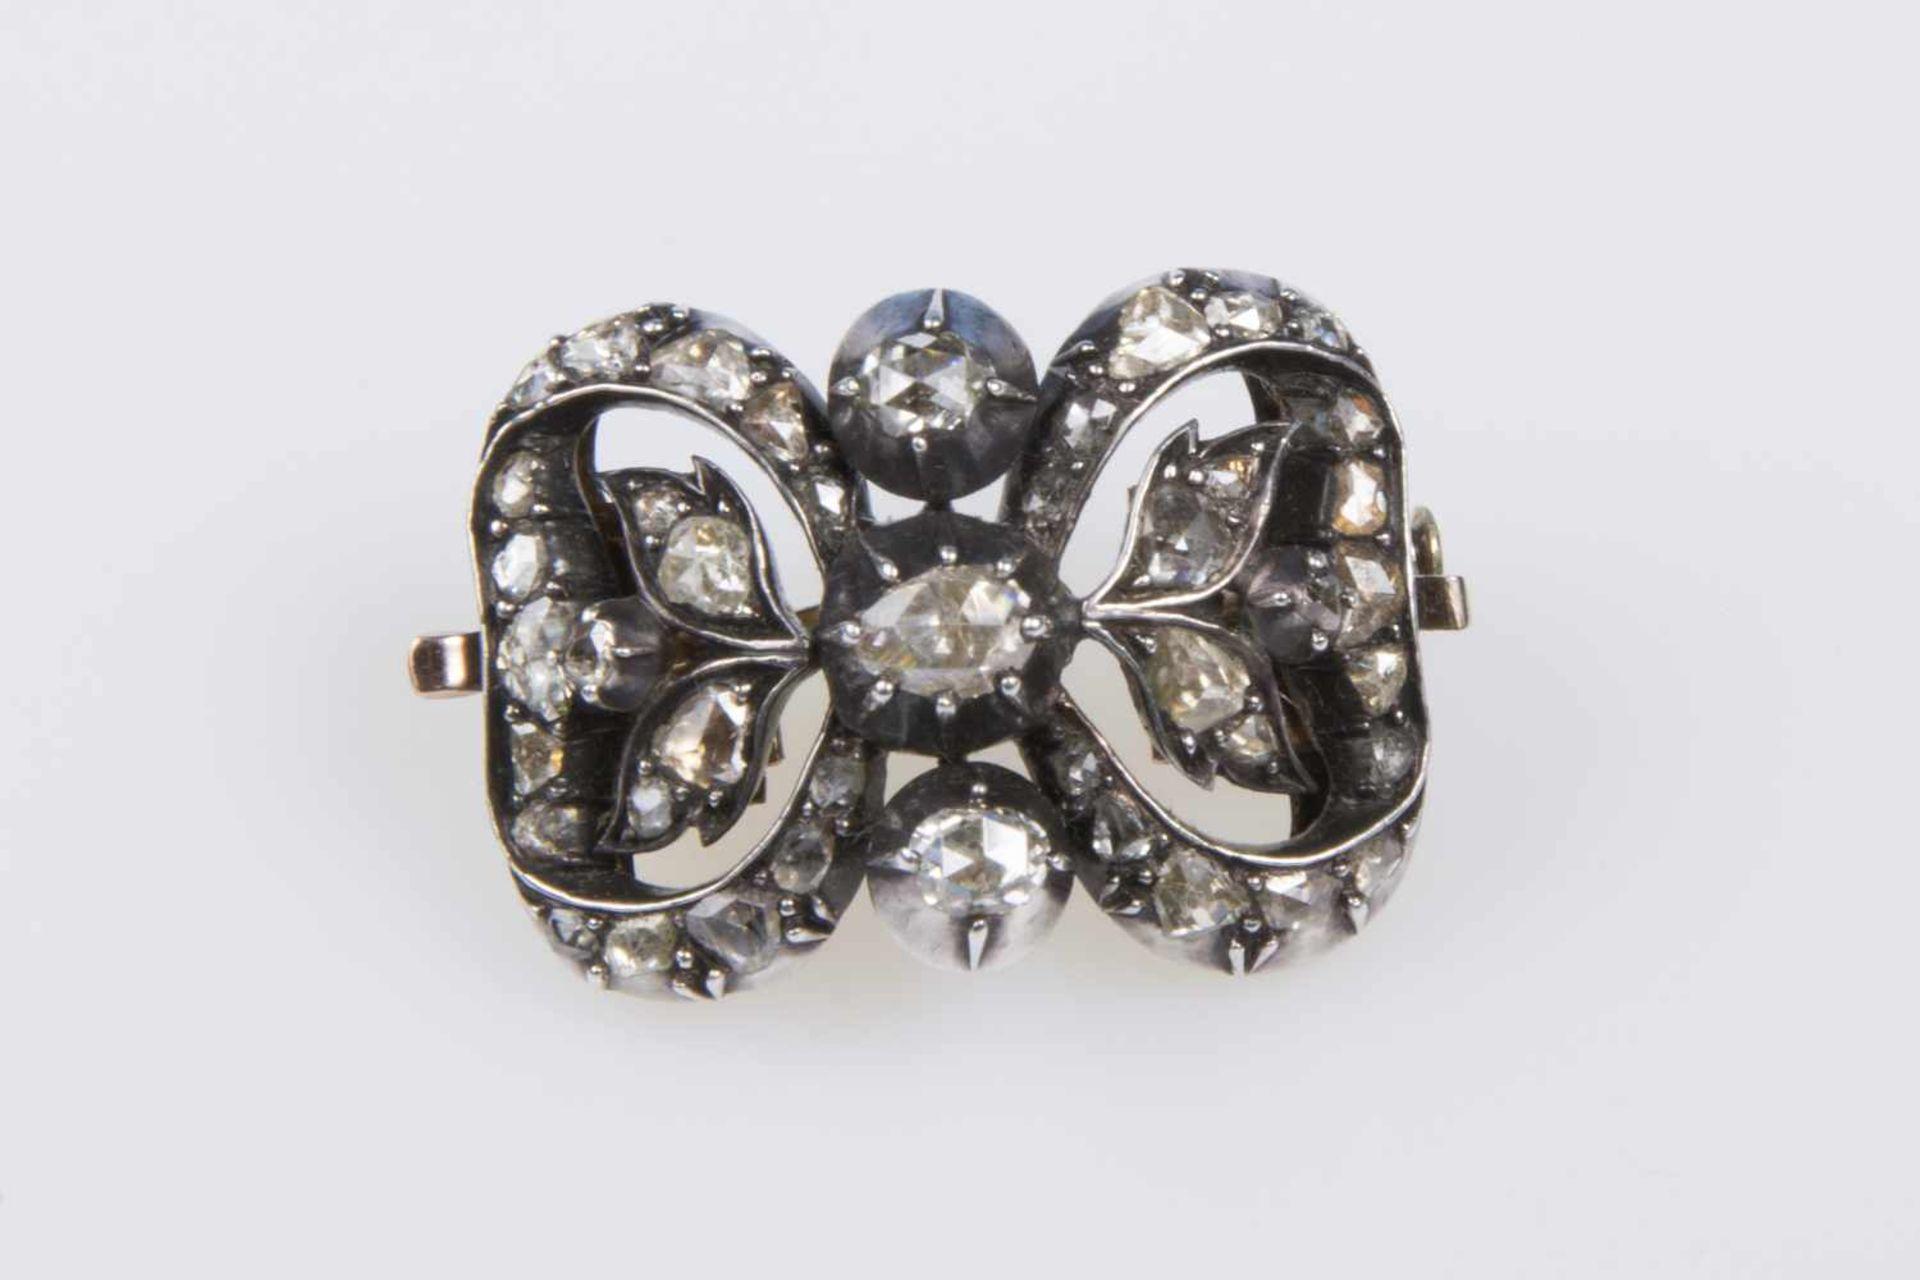 AnhängerGold 580, Diamantrauten, zus. ca. 1ct., Silberauflage, auch als Brosche tragbar, 10,2g, in